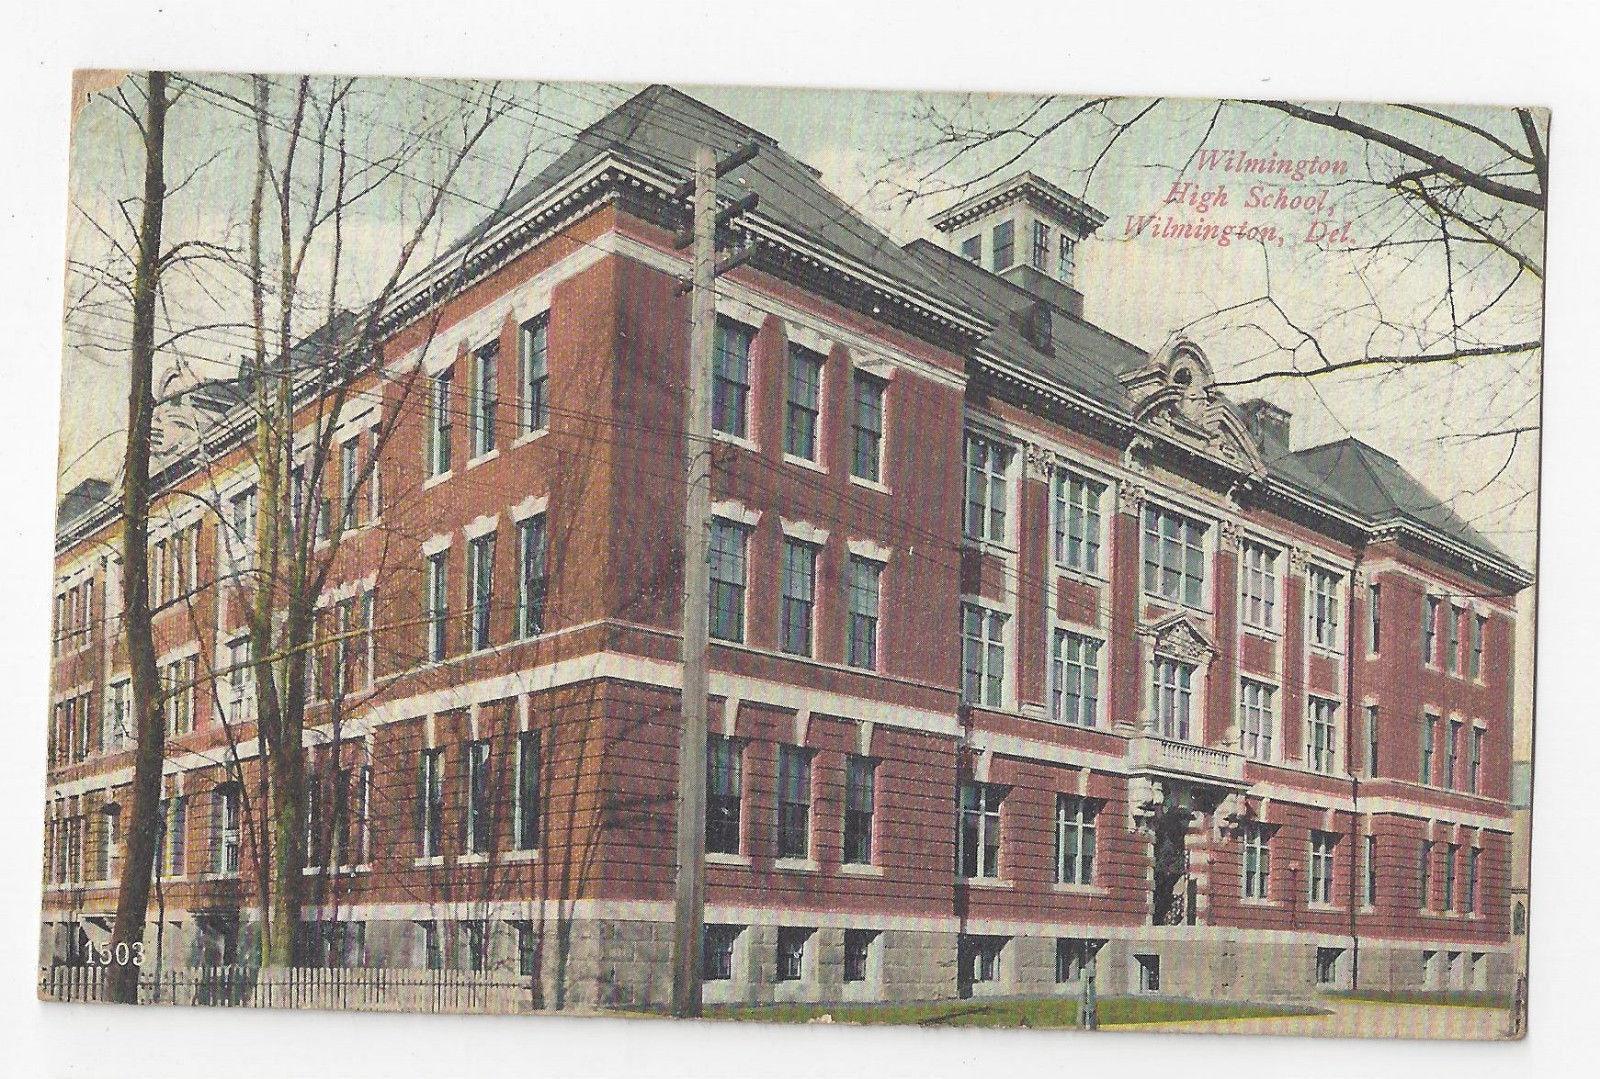 DE Wilmington High School Vintage 1908 Vtg Postcard